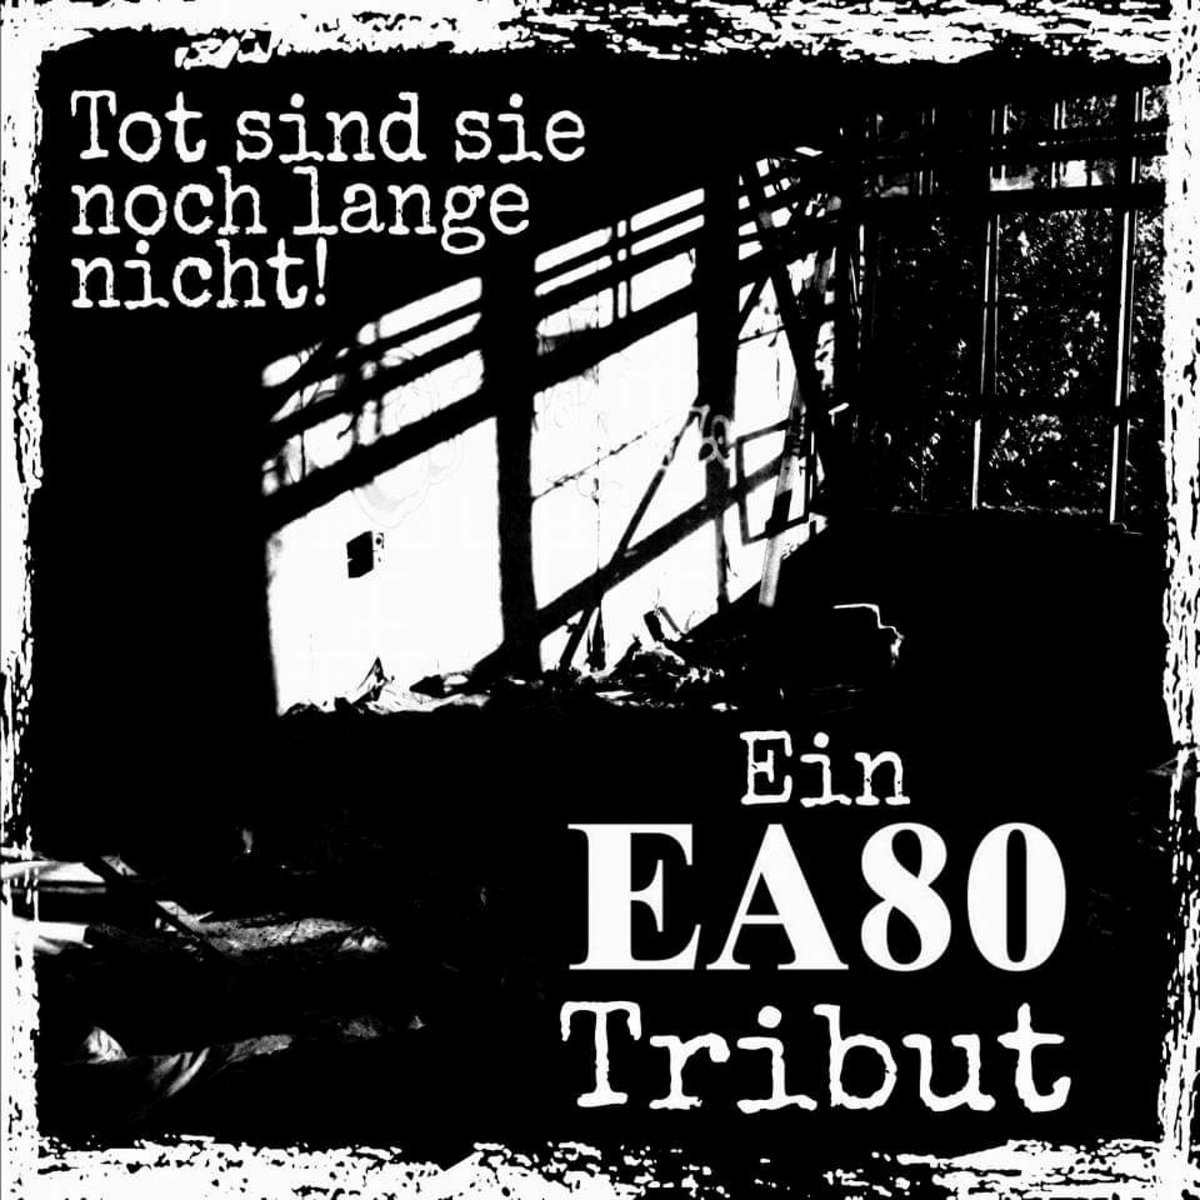 review: V/A – tot sind sie noch lange nicht (EA80 Tribute Sampler)